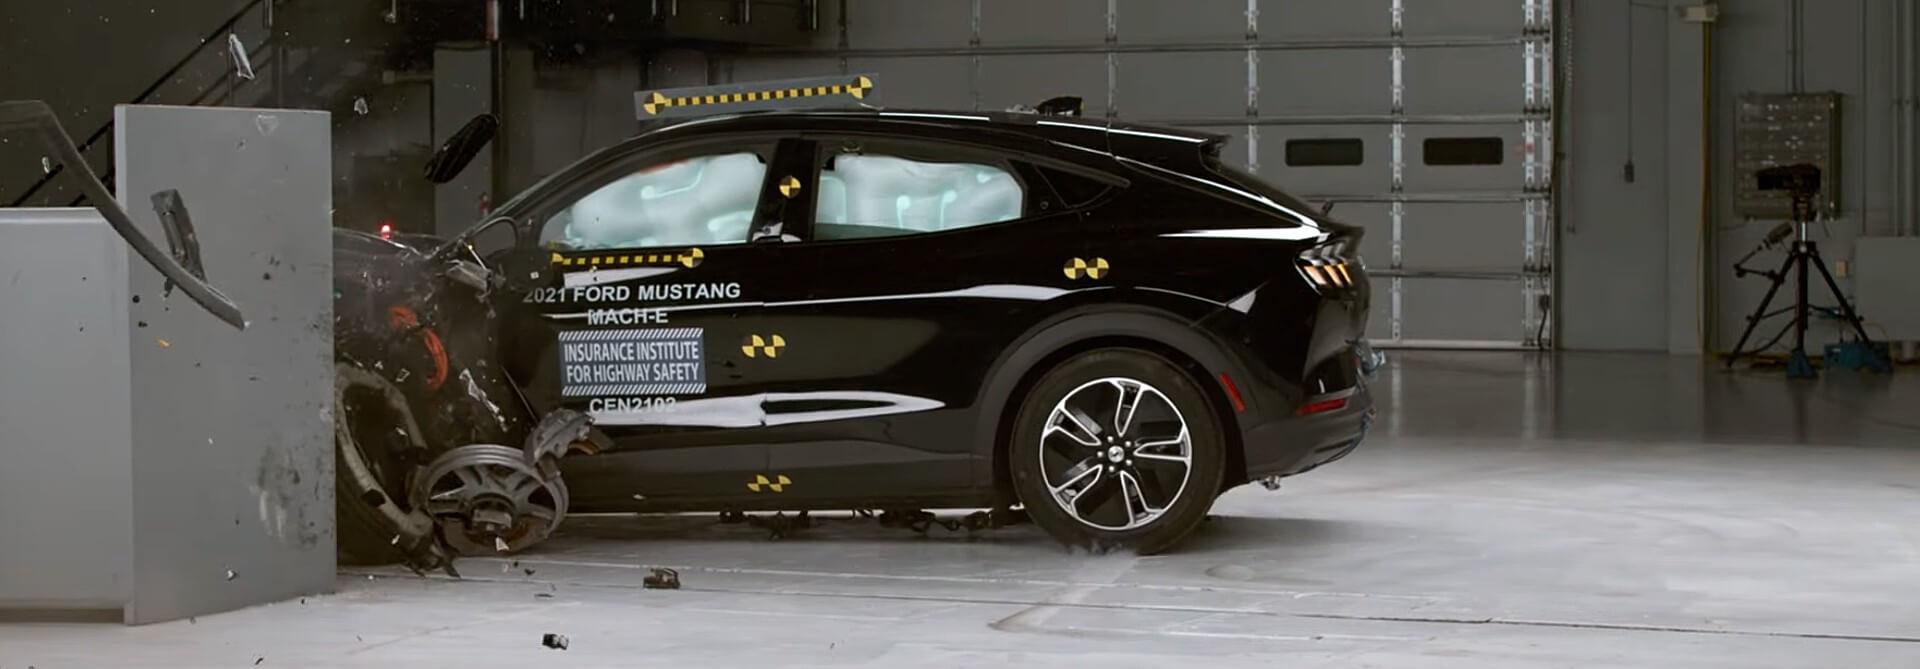 Ford Mustang Mach-E удостоен награды IIHS Top Safety Pick Award, фары портят безупречный рейтинг безопасности